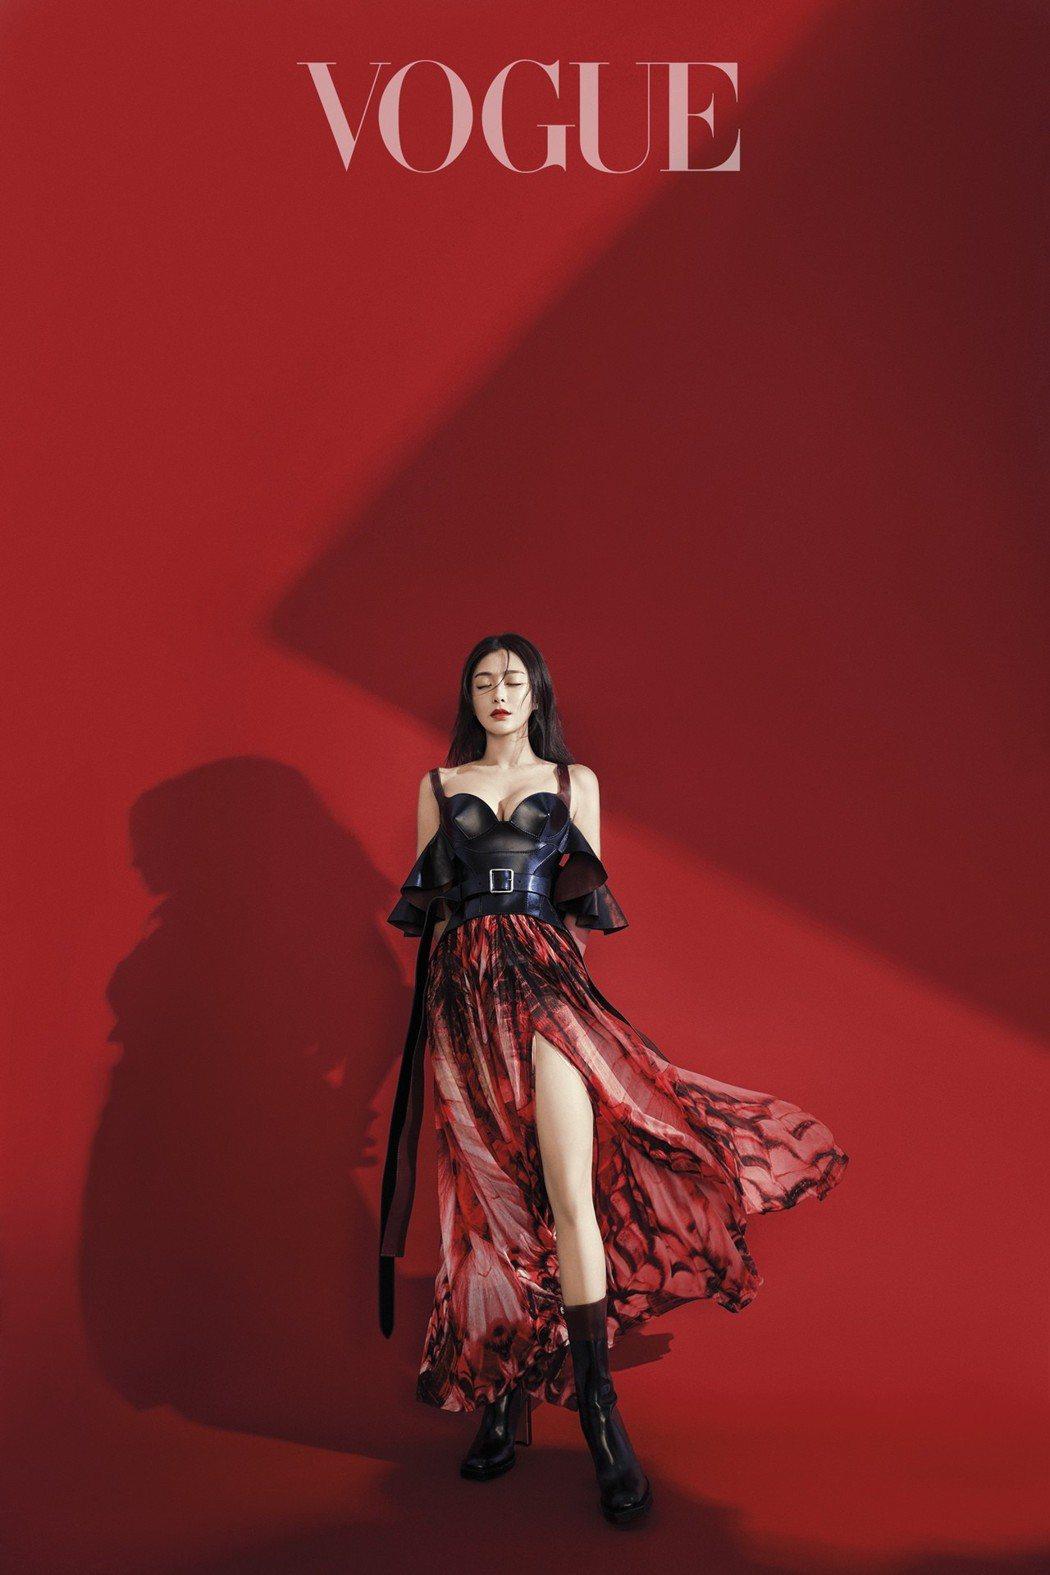 比起戲劇中的溫柔婉約,時裝的秦嵐霸氣性感。圖/VOGUE雜誌提供